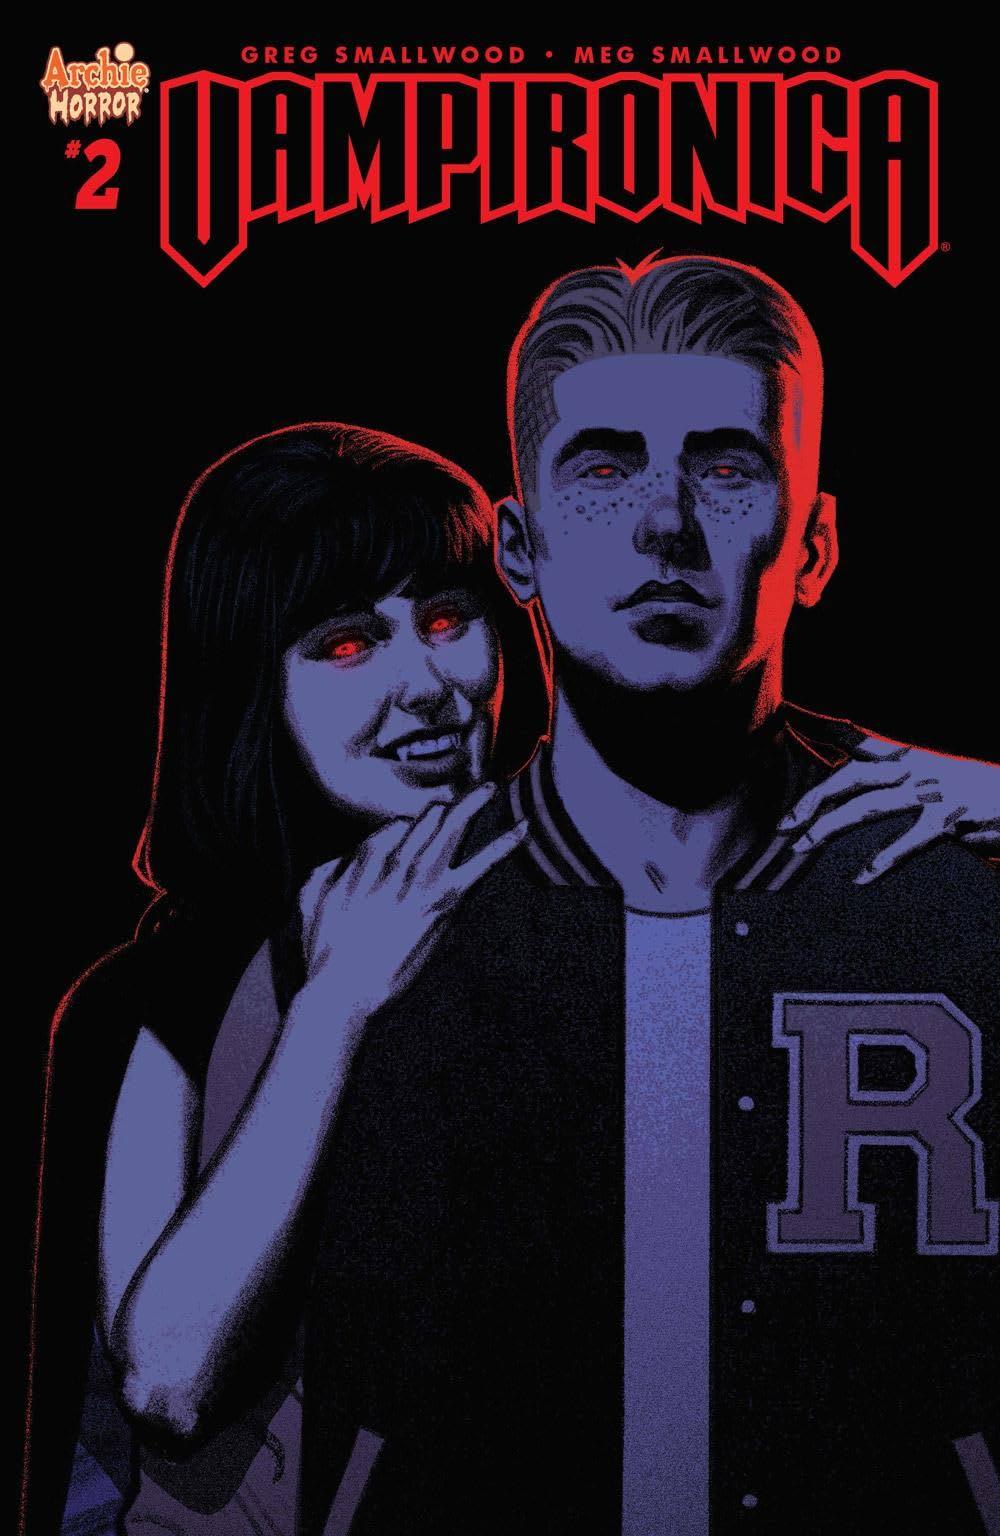 Vampironica #2